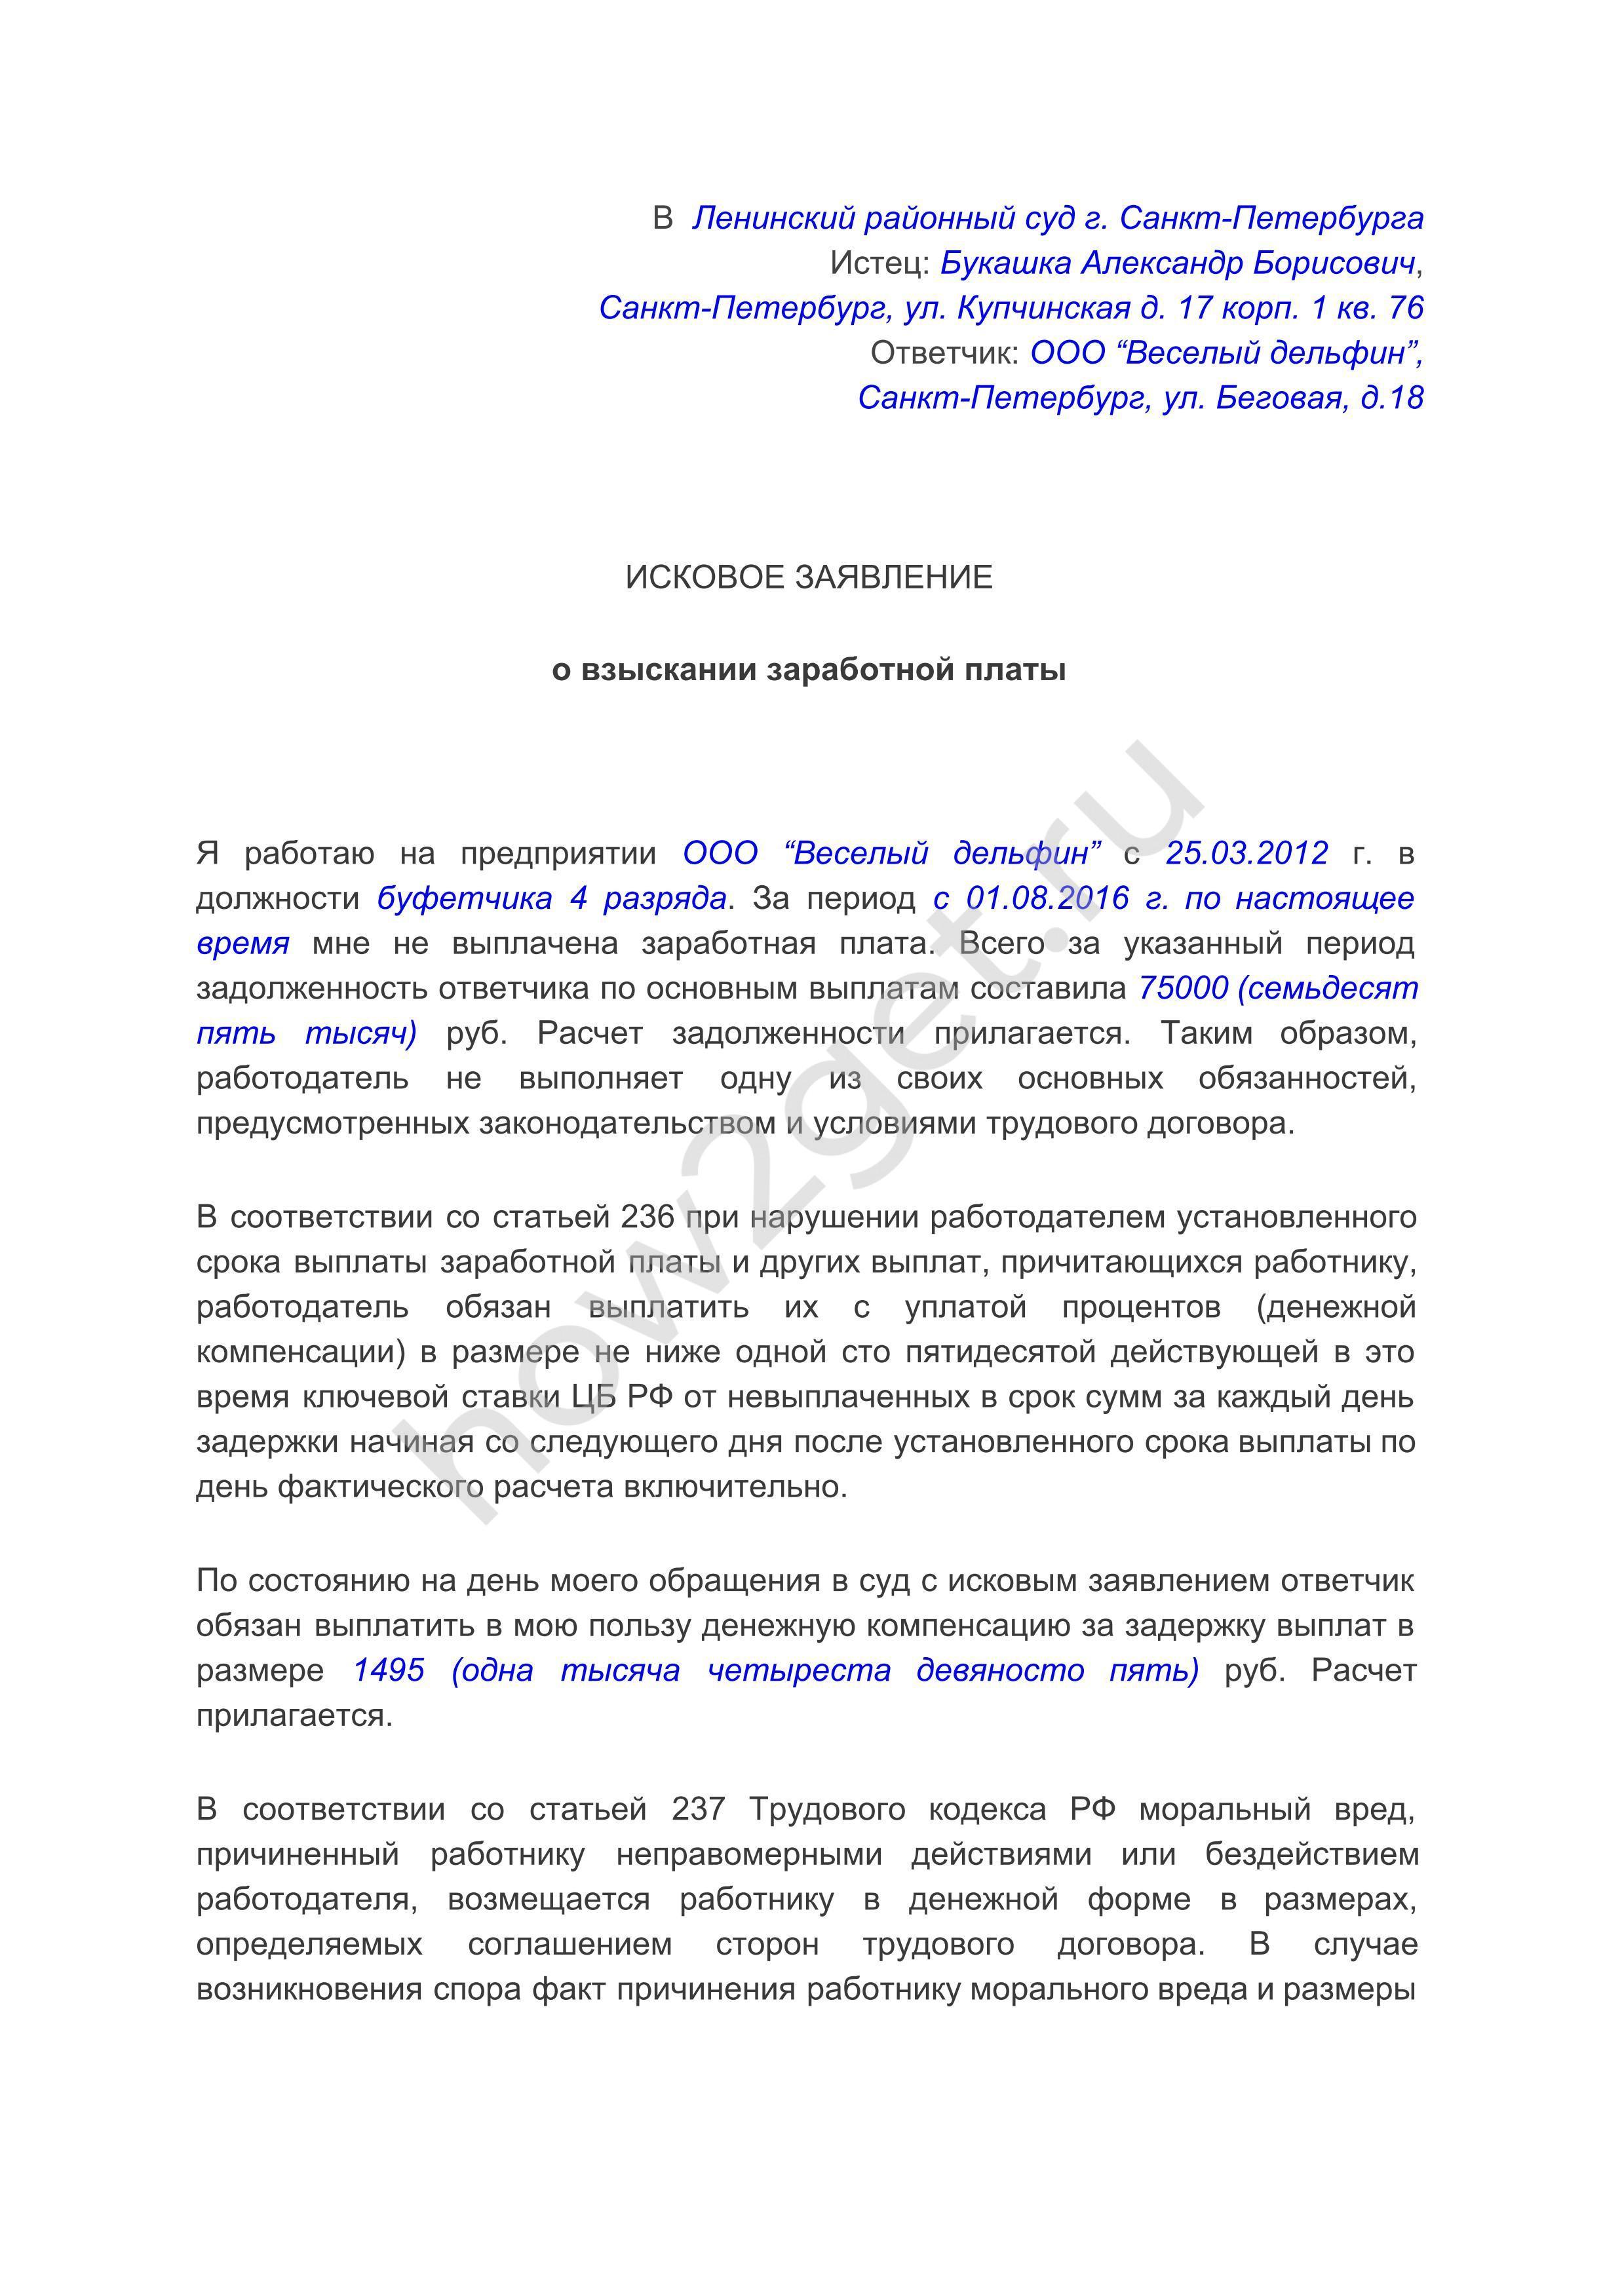 Алтайский край средняя зарплата по региону